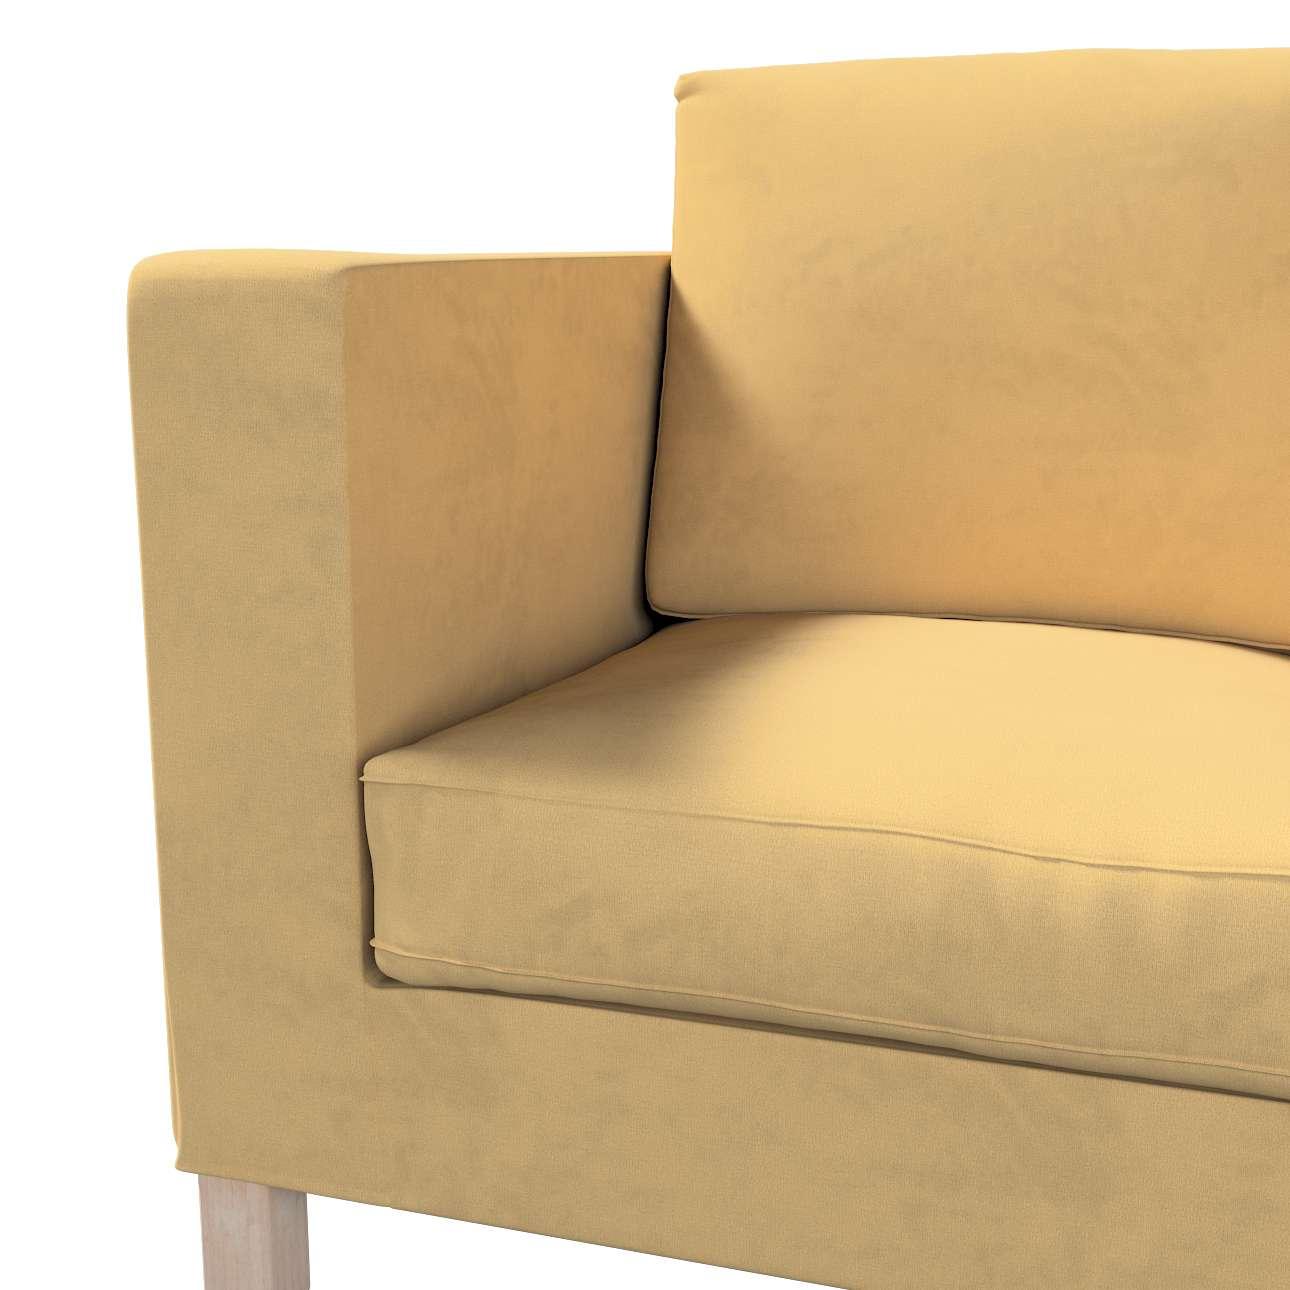 Karlanda 2-Sitzer Sofabezug nicht ausklappbar kurz von der Kollektion Living, Stoff: 160-93